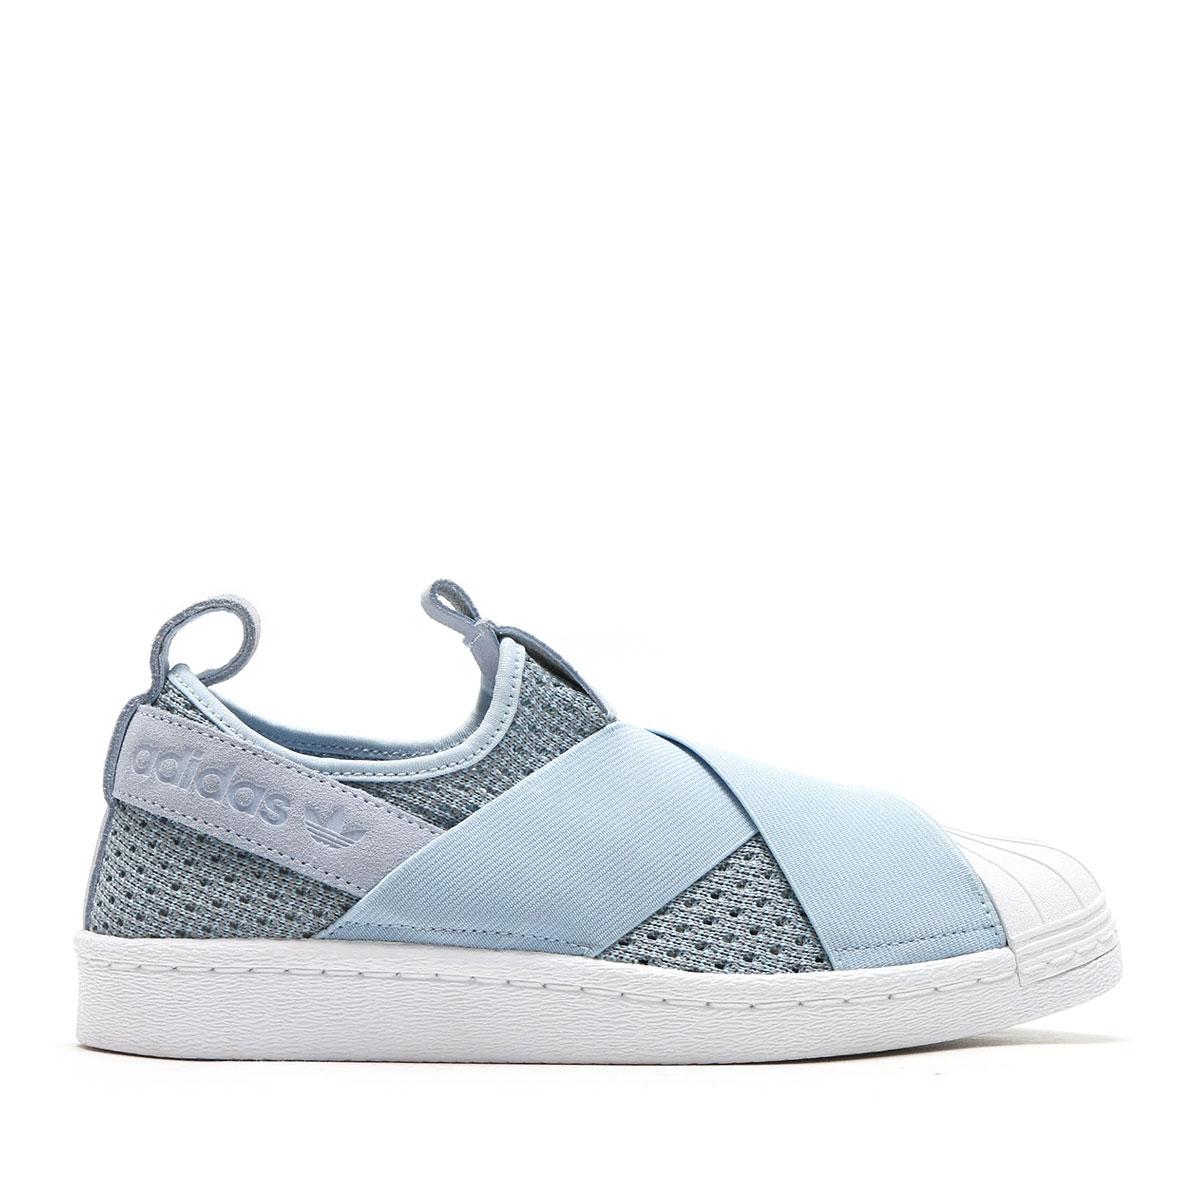 Adidas Superstar Scivolare Su Scarpe Blu qHsqC